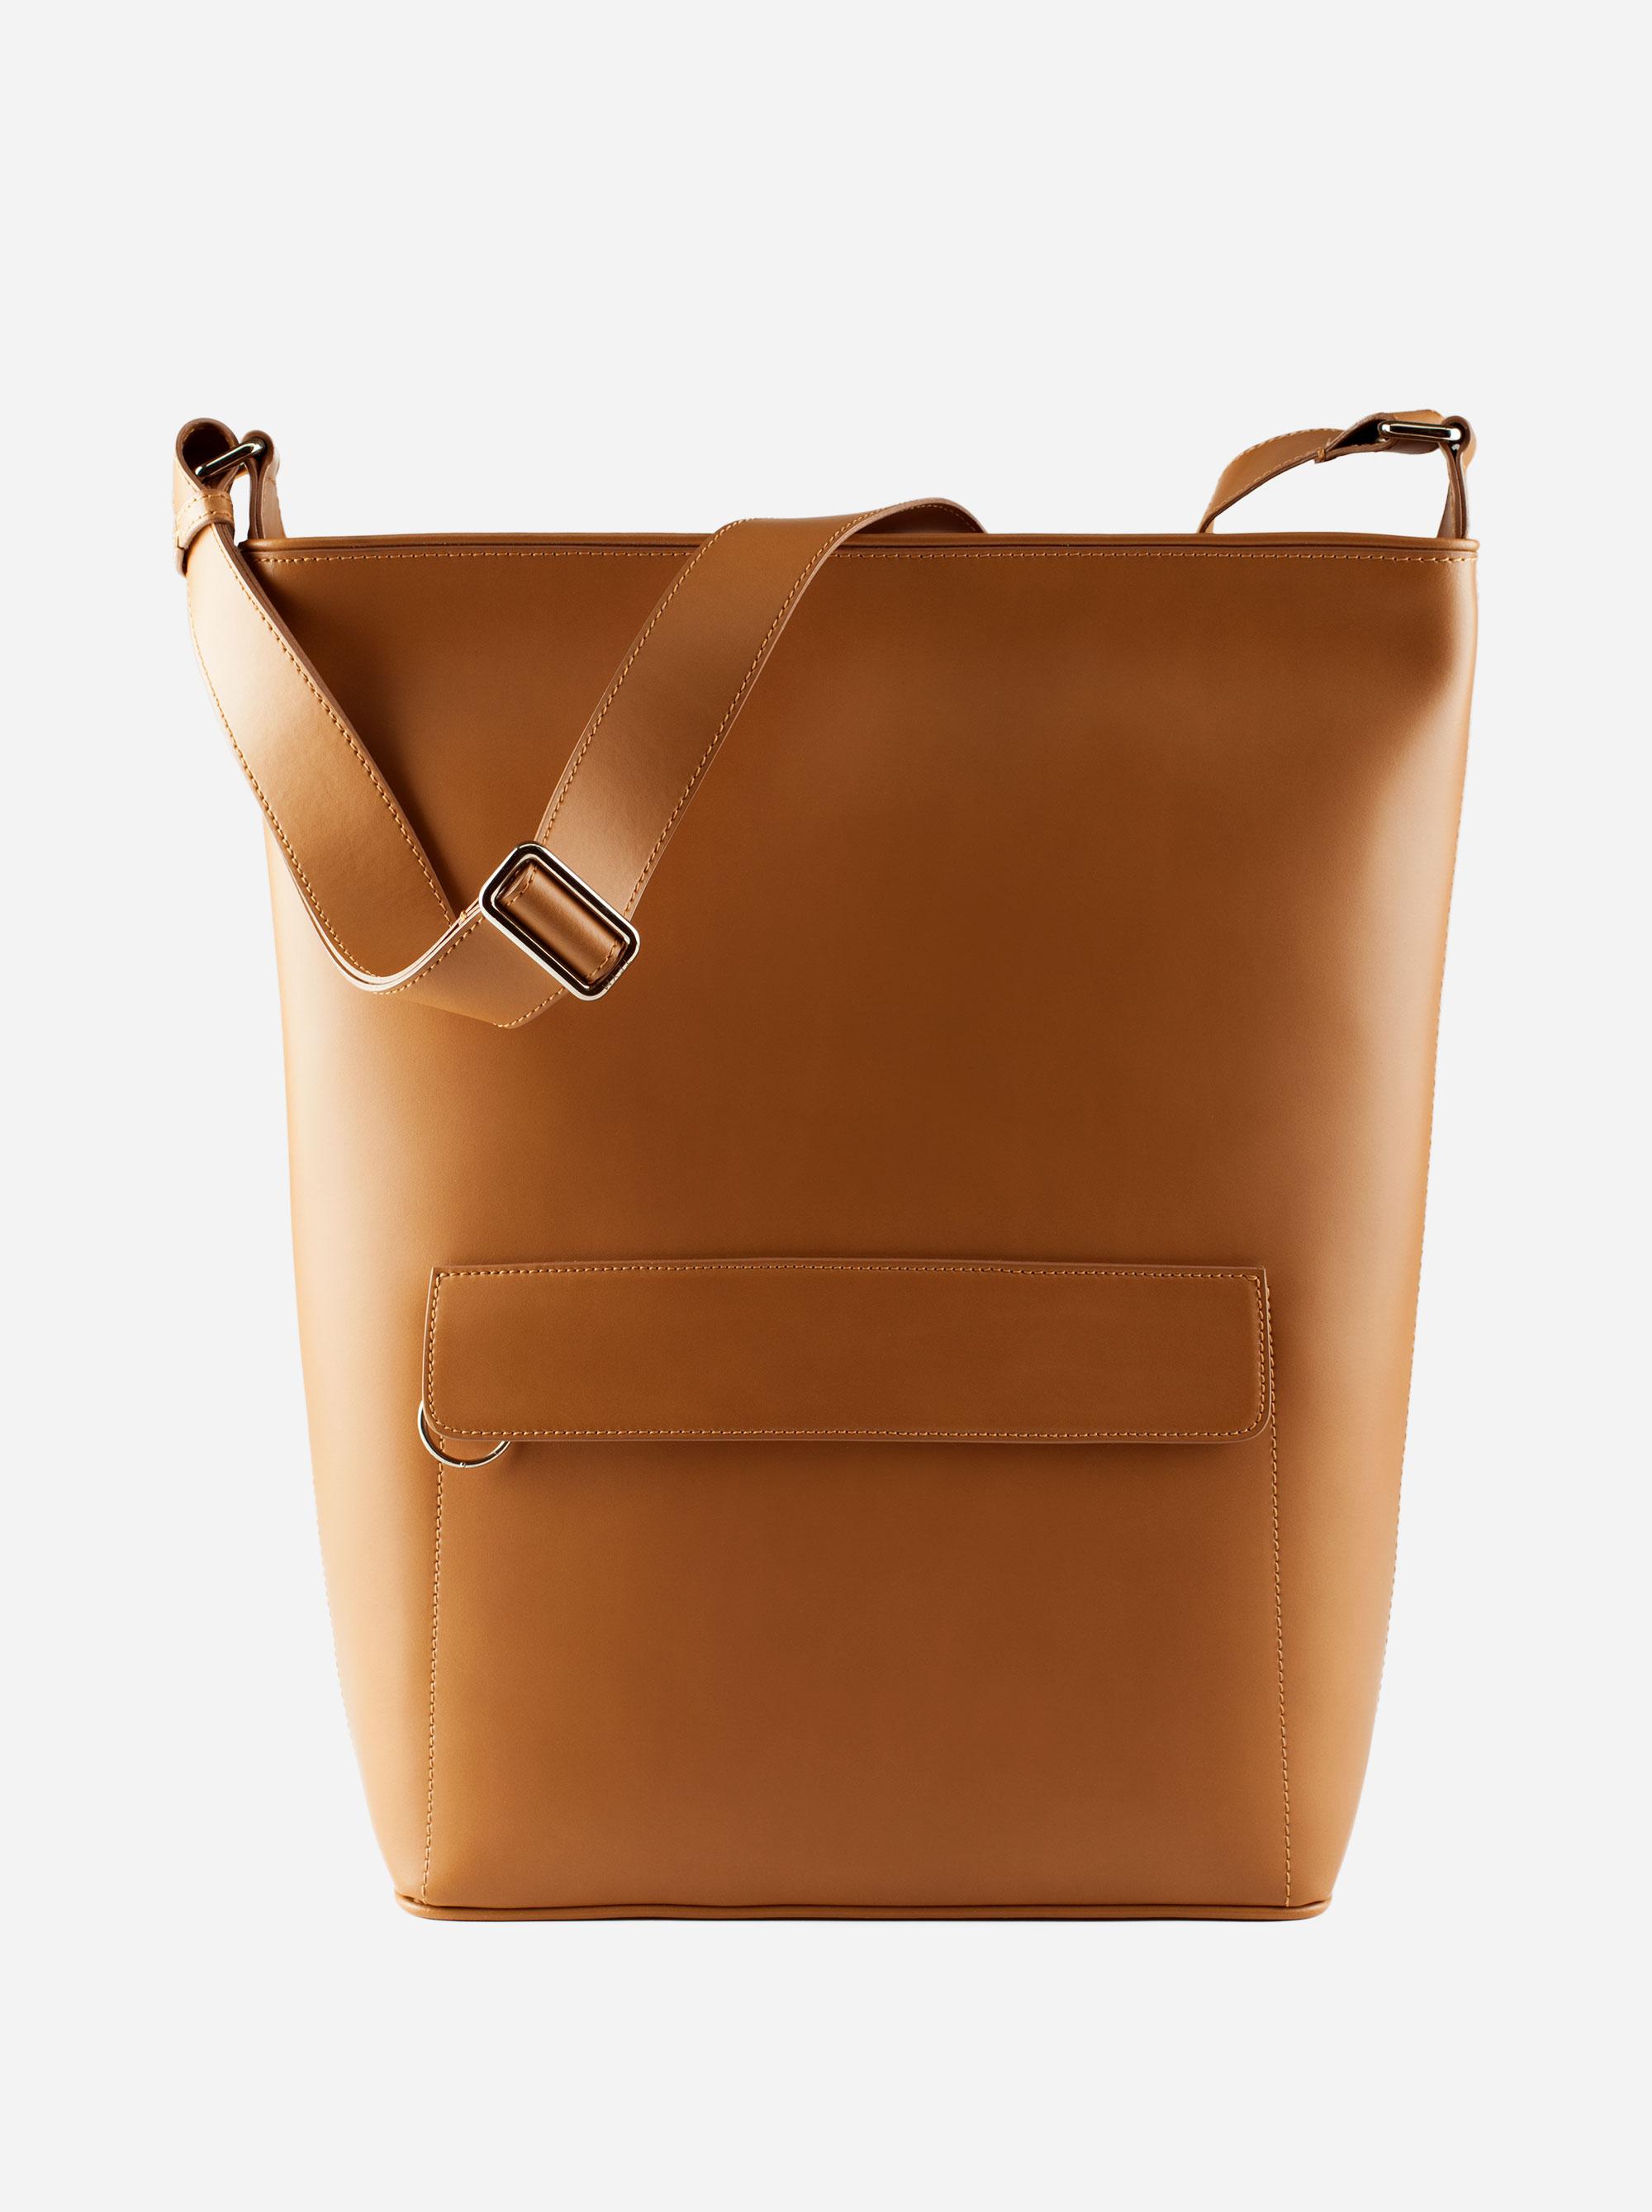 Teym - The Shoulder Bag - Camel - 2